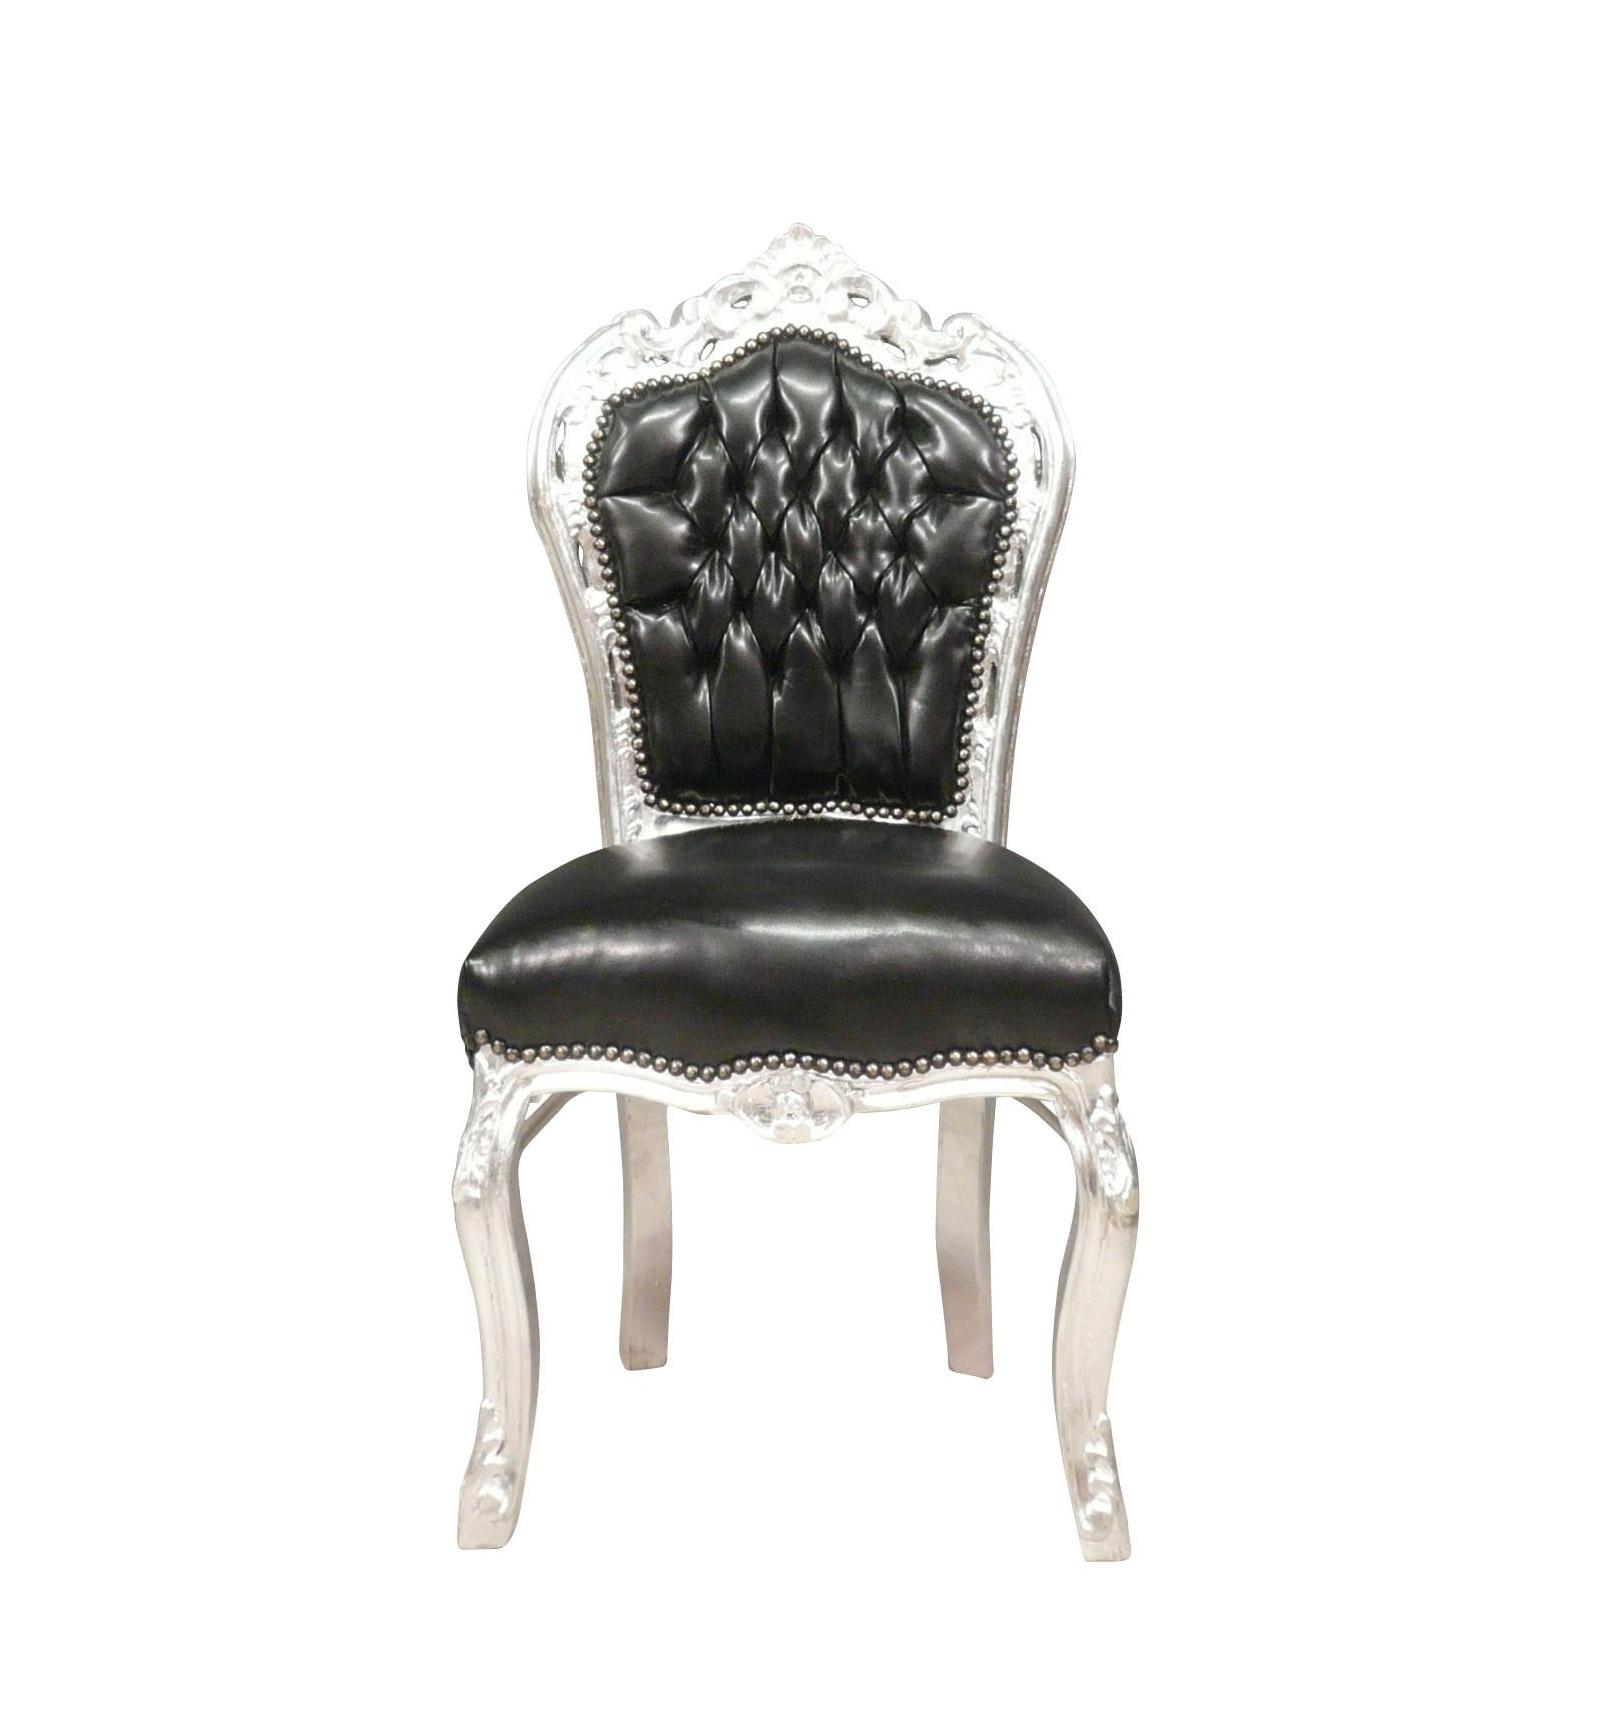 Chaise baroque noire et argent en simili cuir - Chaise baroque avec accoudoir ...